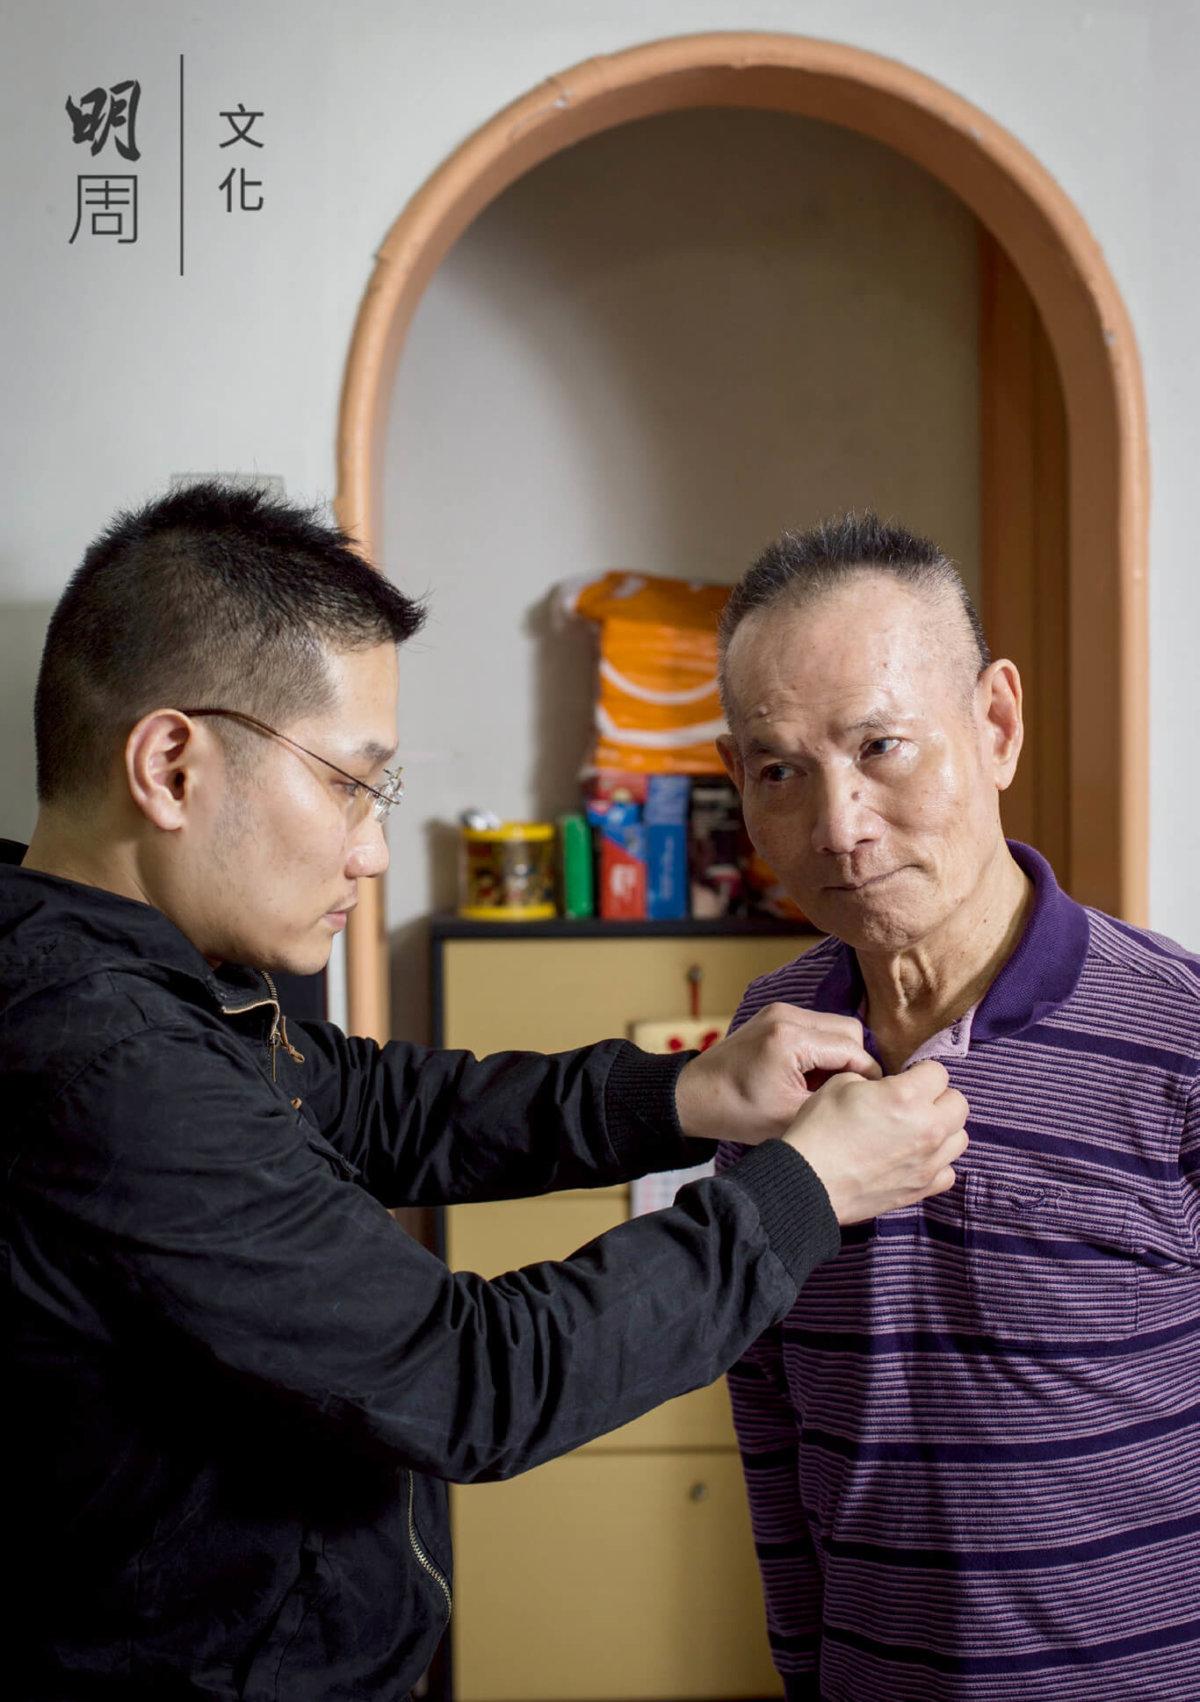 陳偉豪在照顧父親過程中變得愈來愈細心